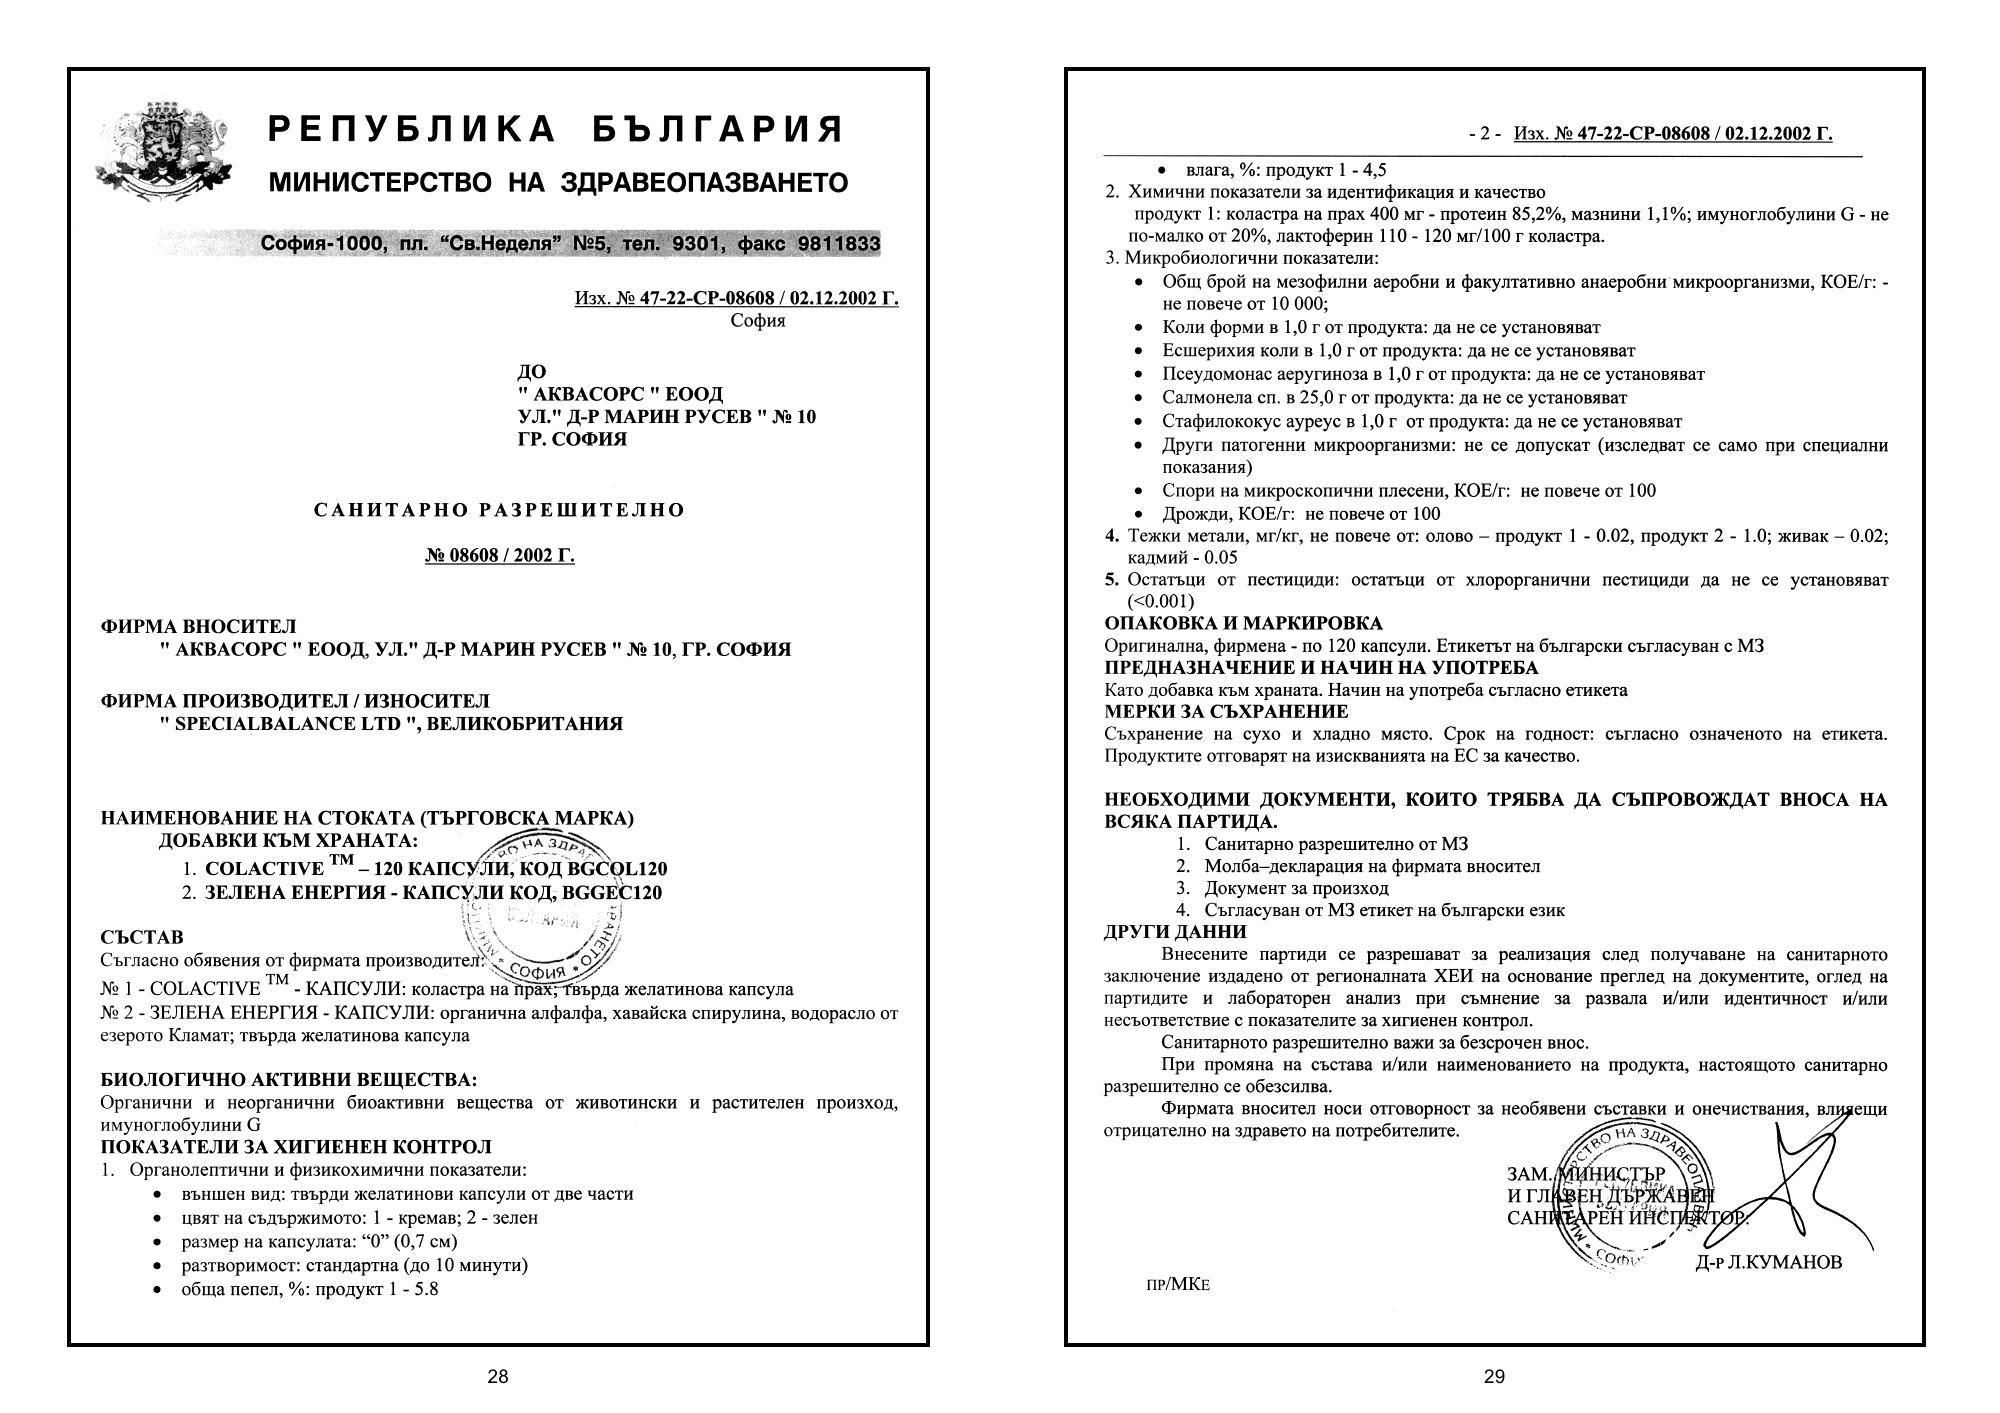 protokoli-12